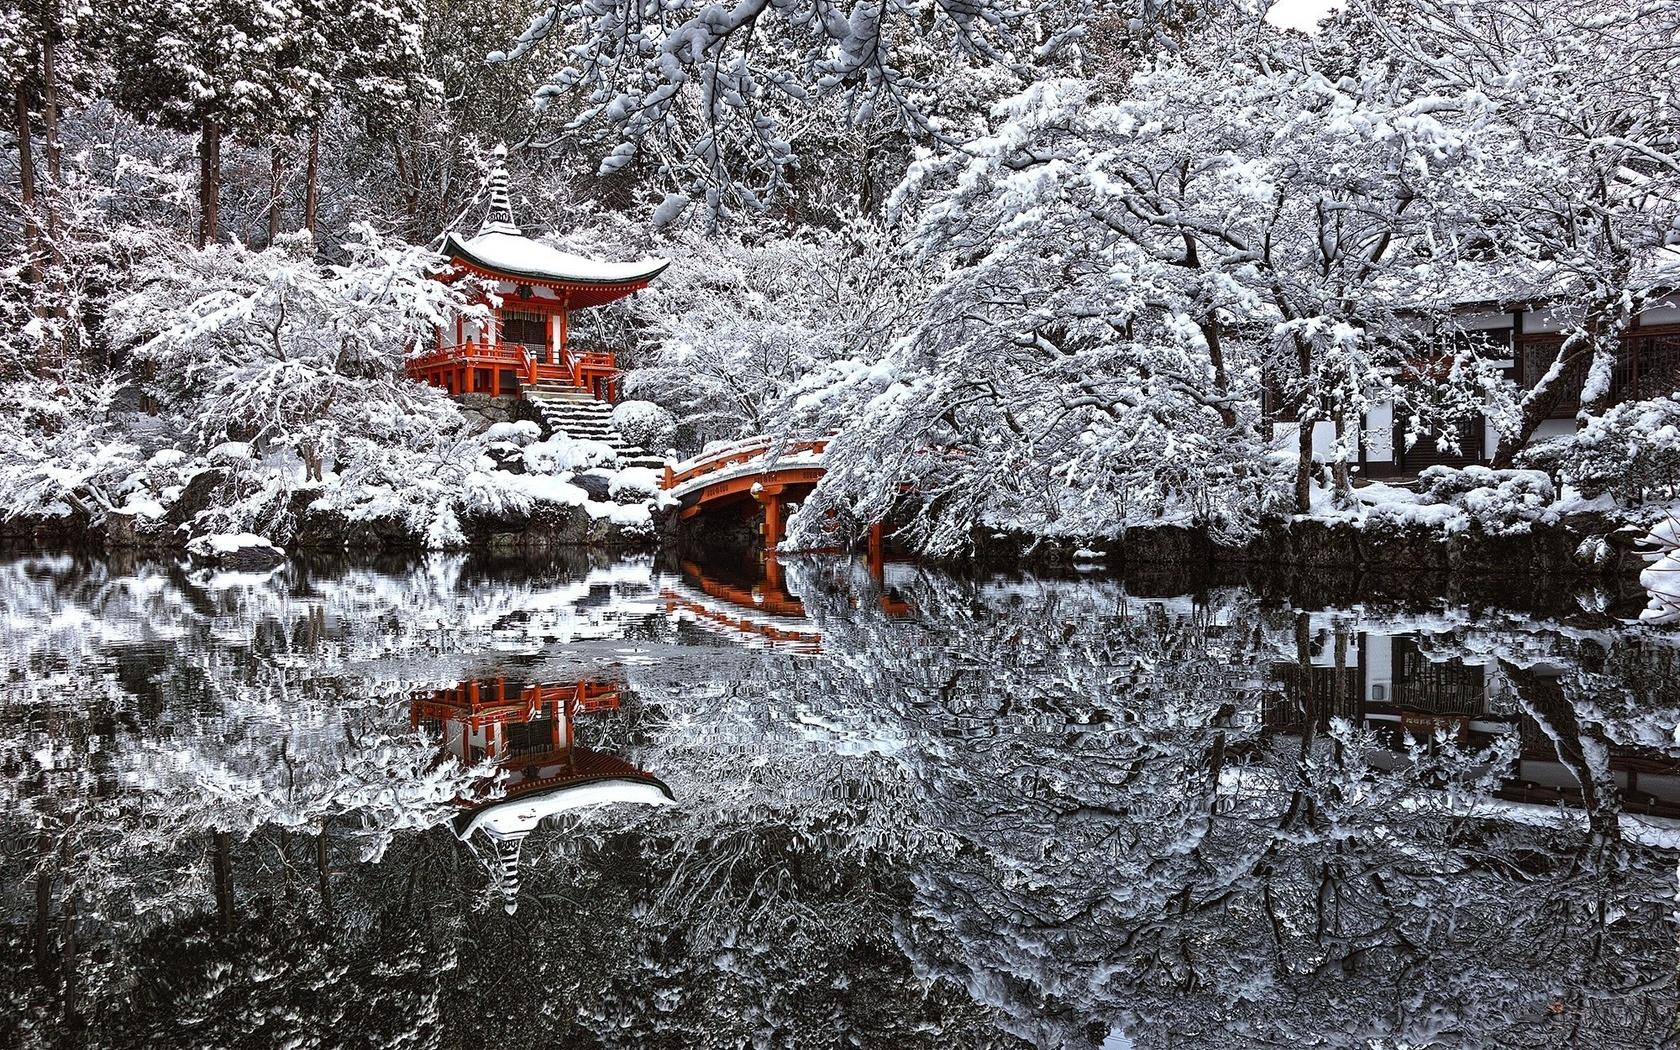 Природа картинки красивые зима китай важно, чтобы